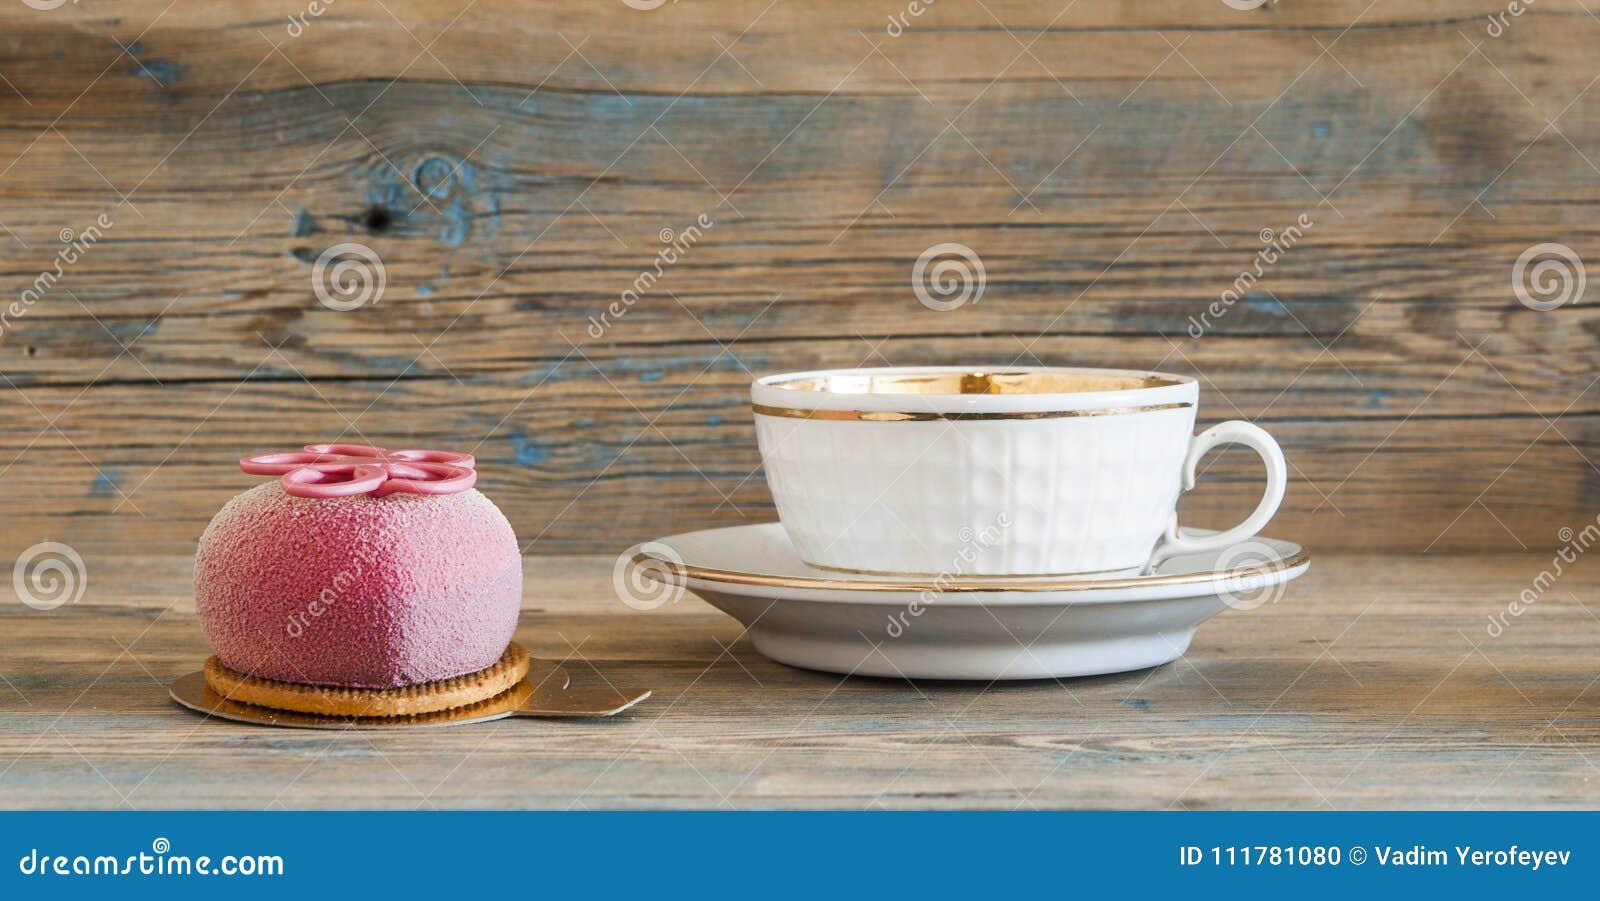 Пирожное на деревянном столе